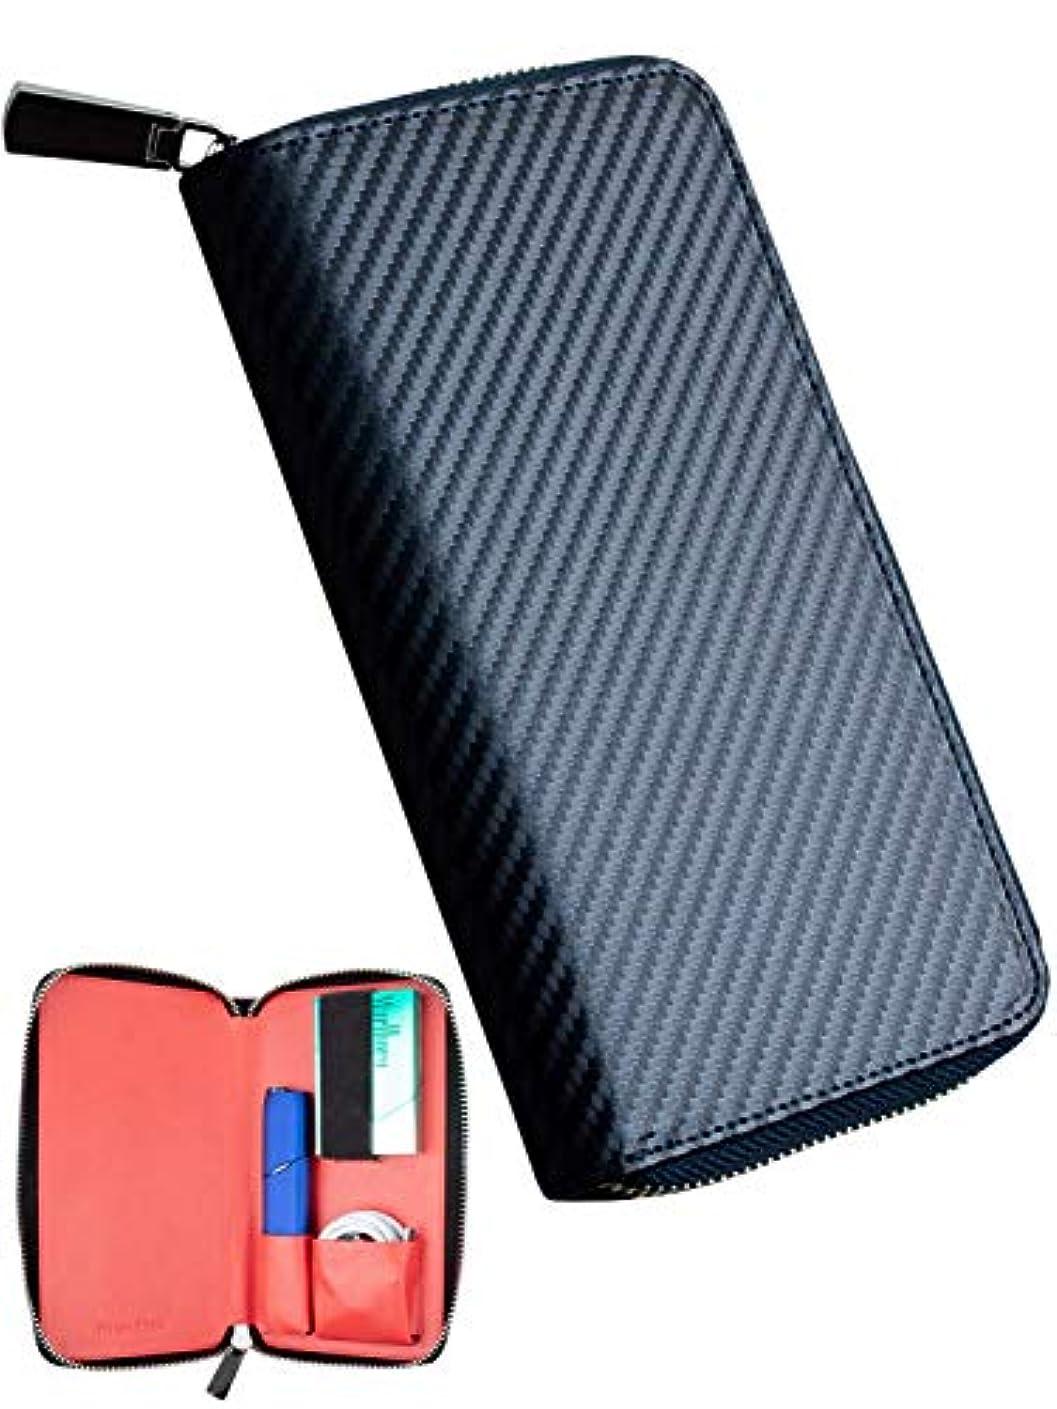 嫌がる高度継承HIGH FIVE アイコス3マルチ対応ケース IQOS3MULTI対応ケース カーボンレザー サイフ型 革 カード入れ 電子たばこ カバー 本体 ヒートスティック 全部収納 ホルダー 全4色 (navy2)